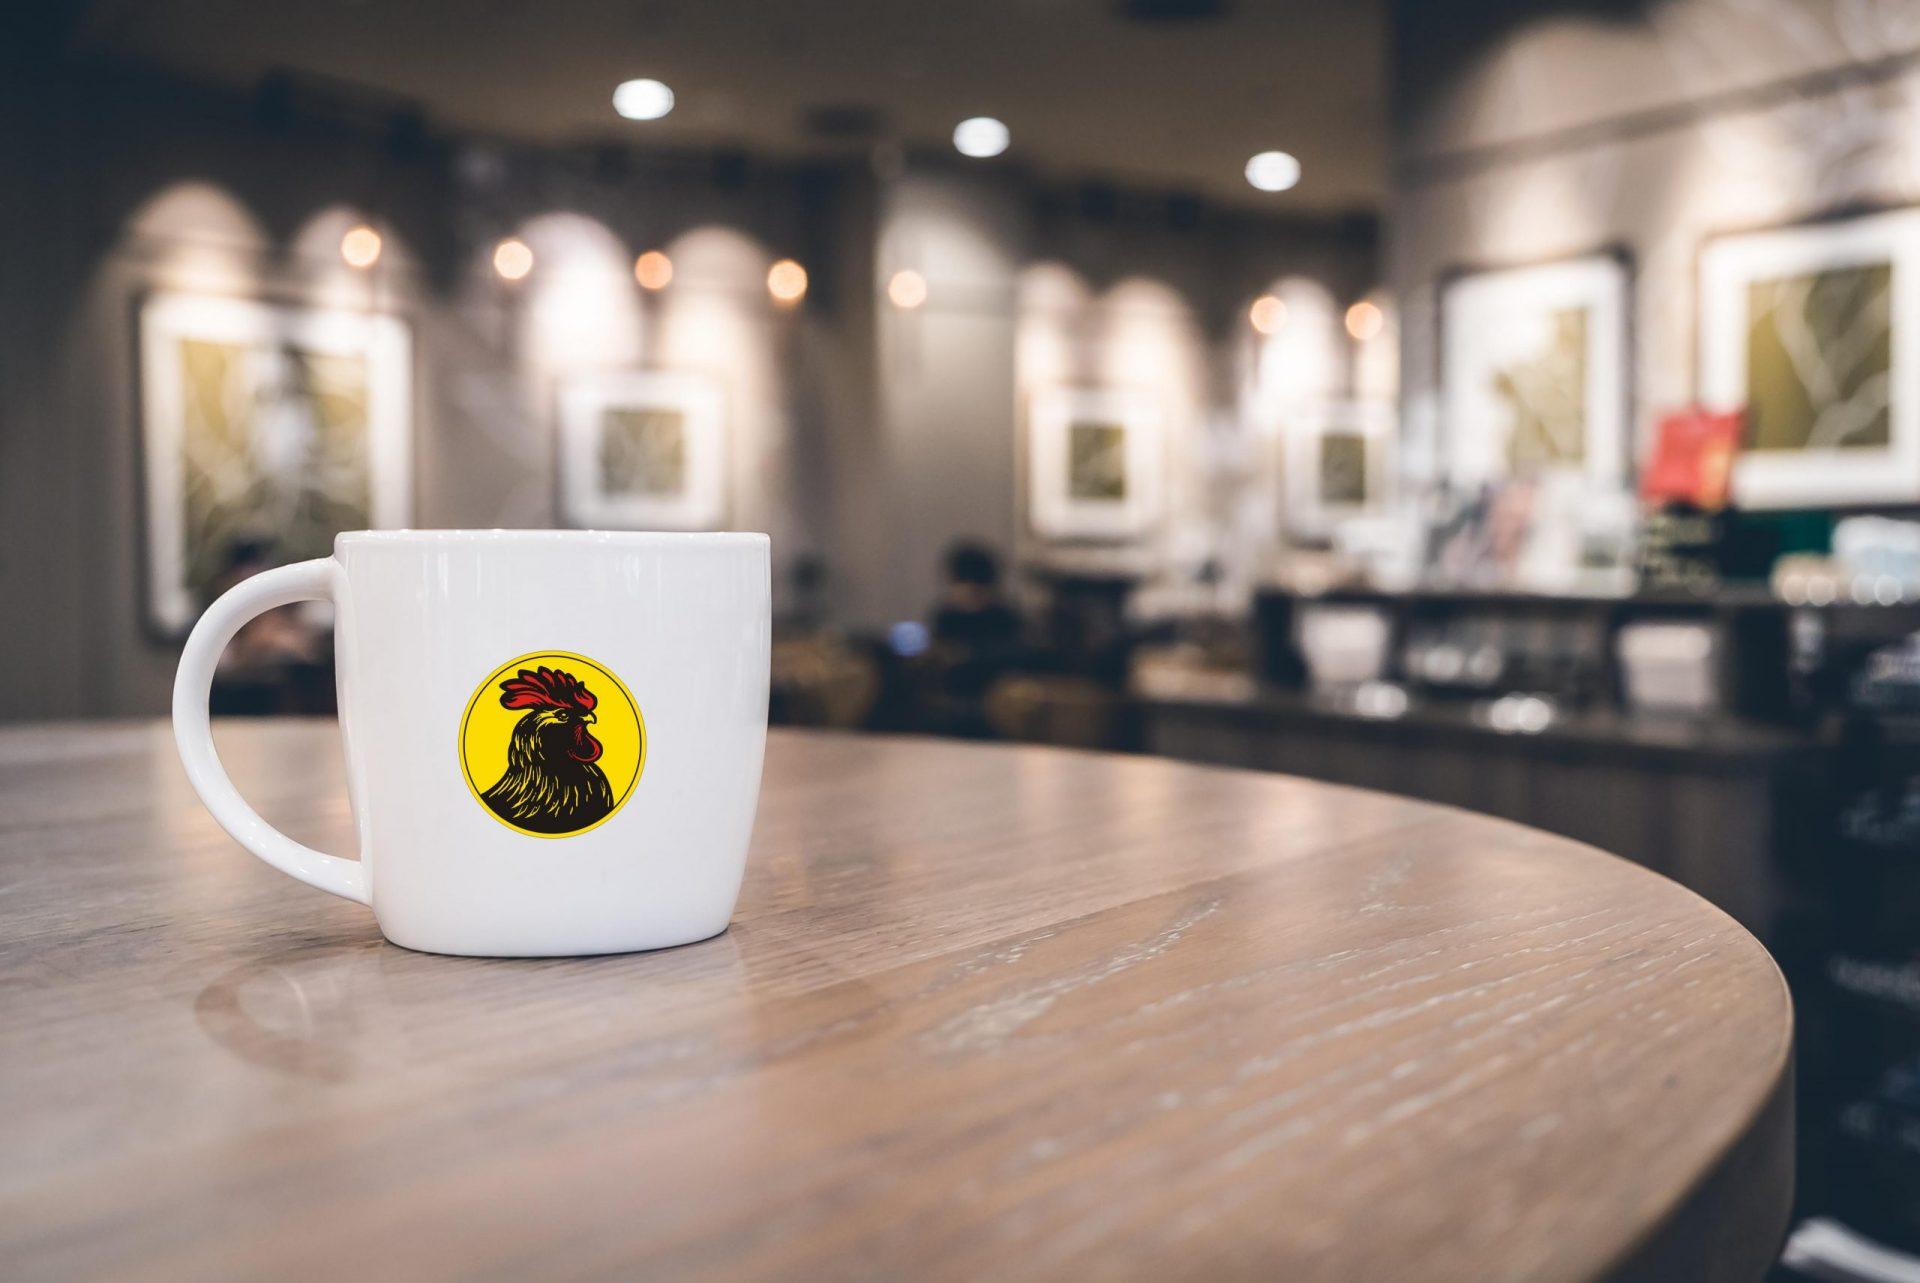 Lyon Coffee triển khai chiến lược quảng cáo đến người tiêu dùng